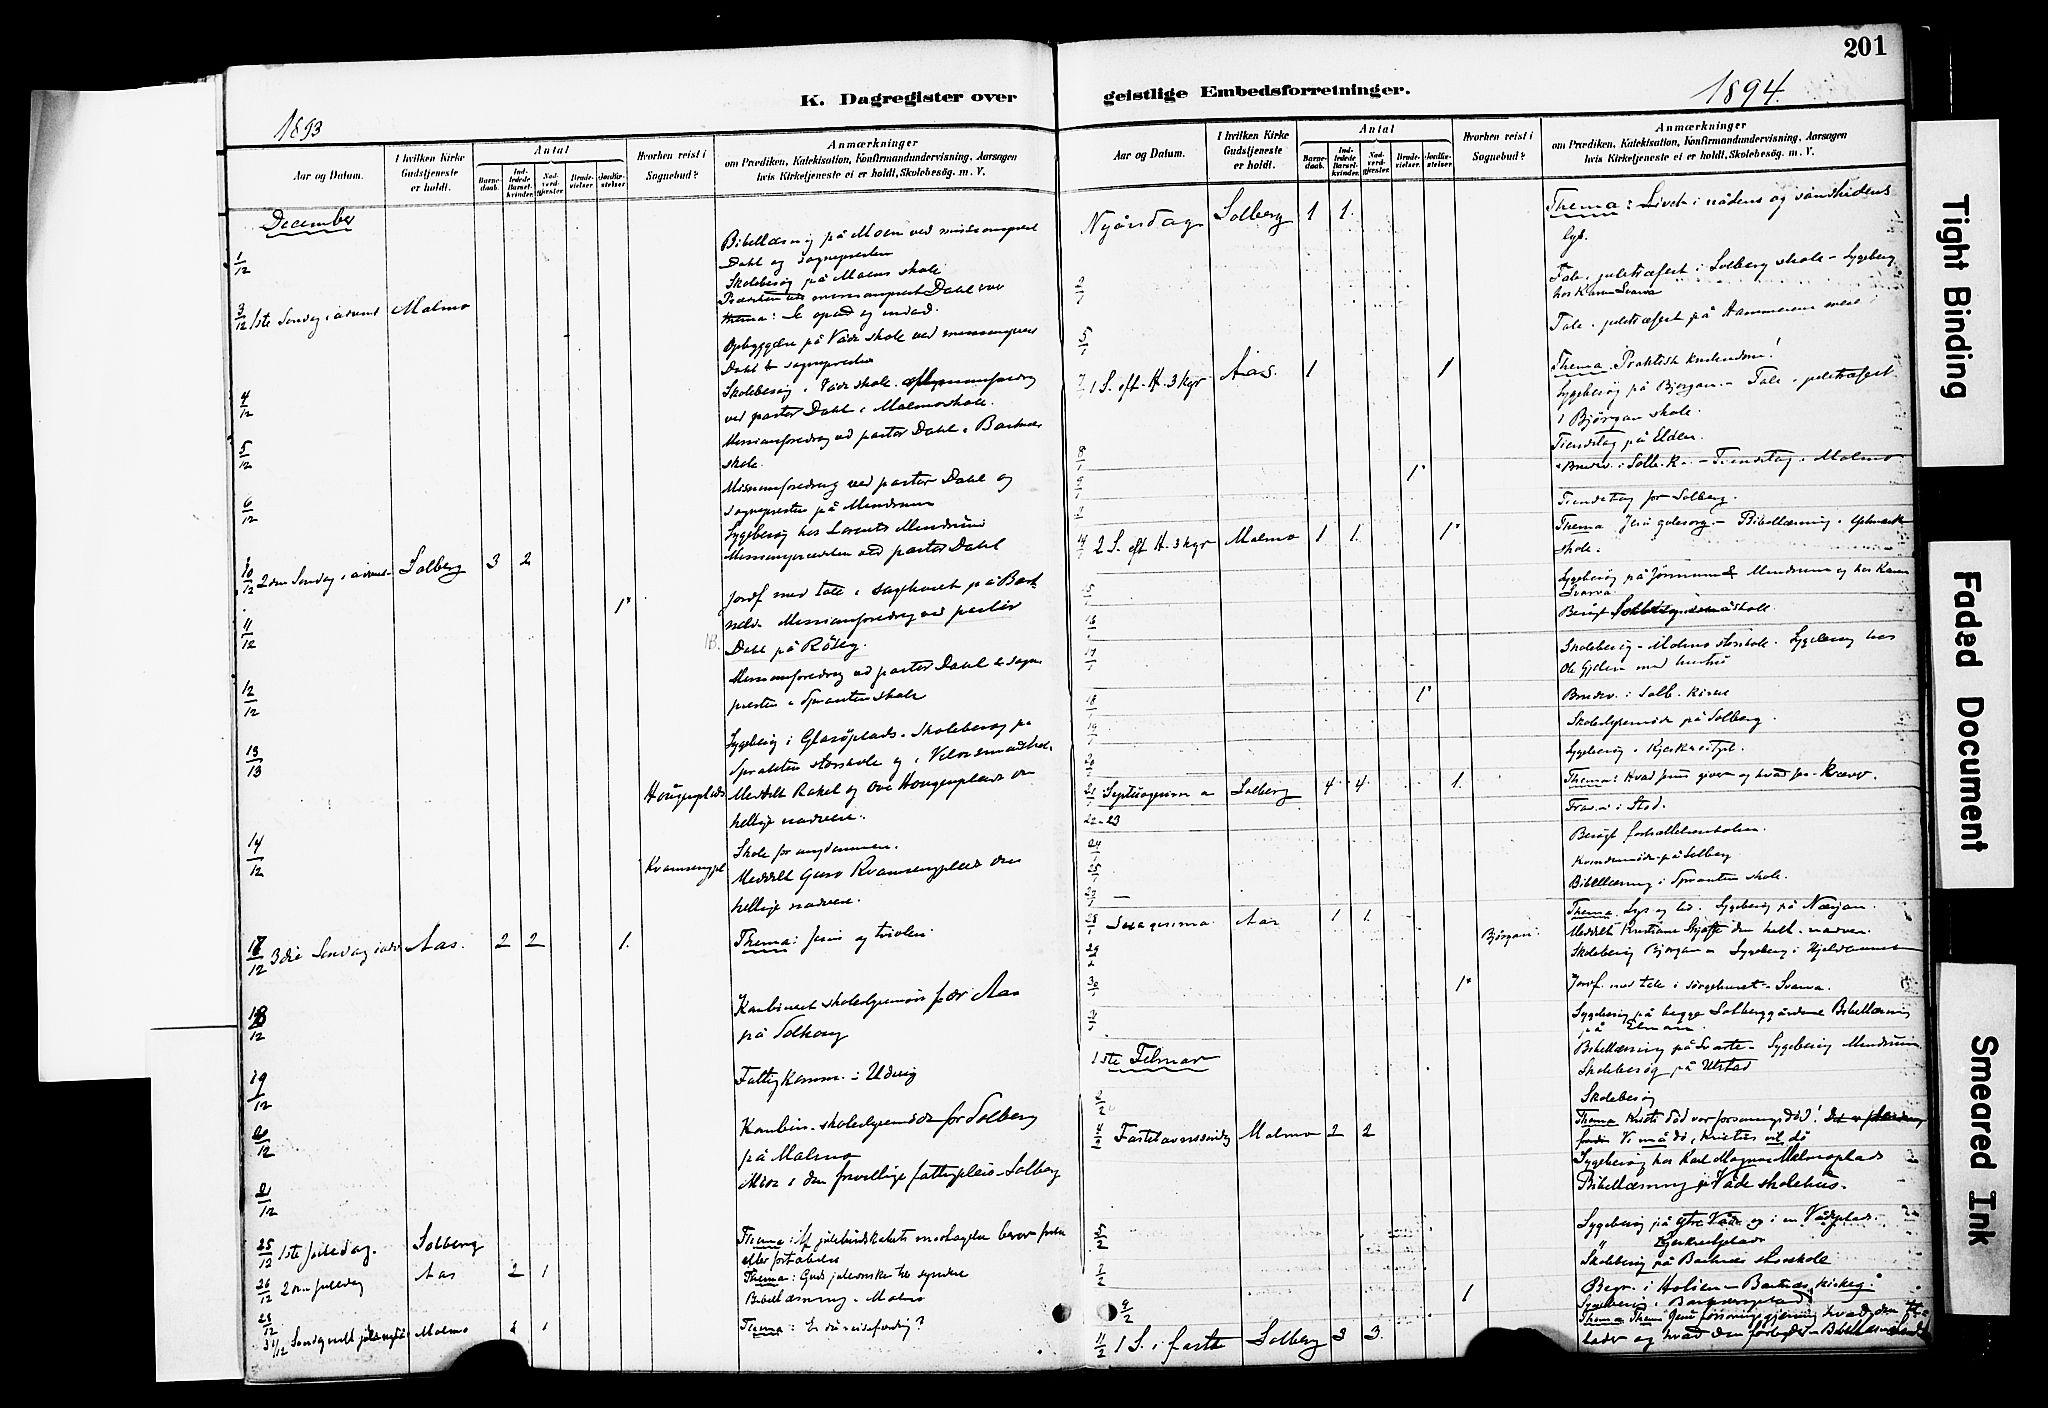 SAT, Ministerialprotokoller, klokkerbøker og fødselsregistre - Nord-Trøndelag, 741/L0396: Ministerialbok nr. 741A10, 1889-1901, s. 201